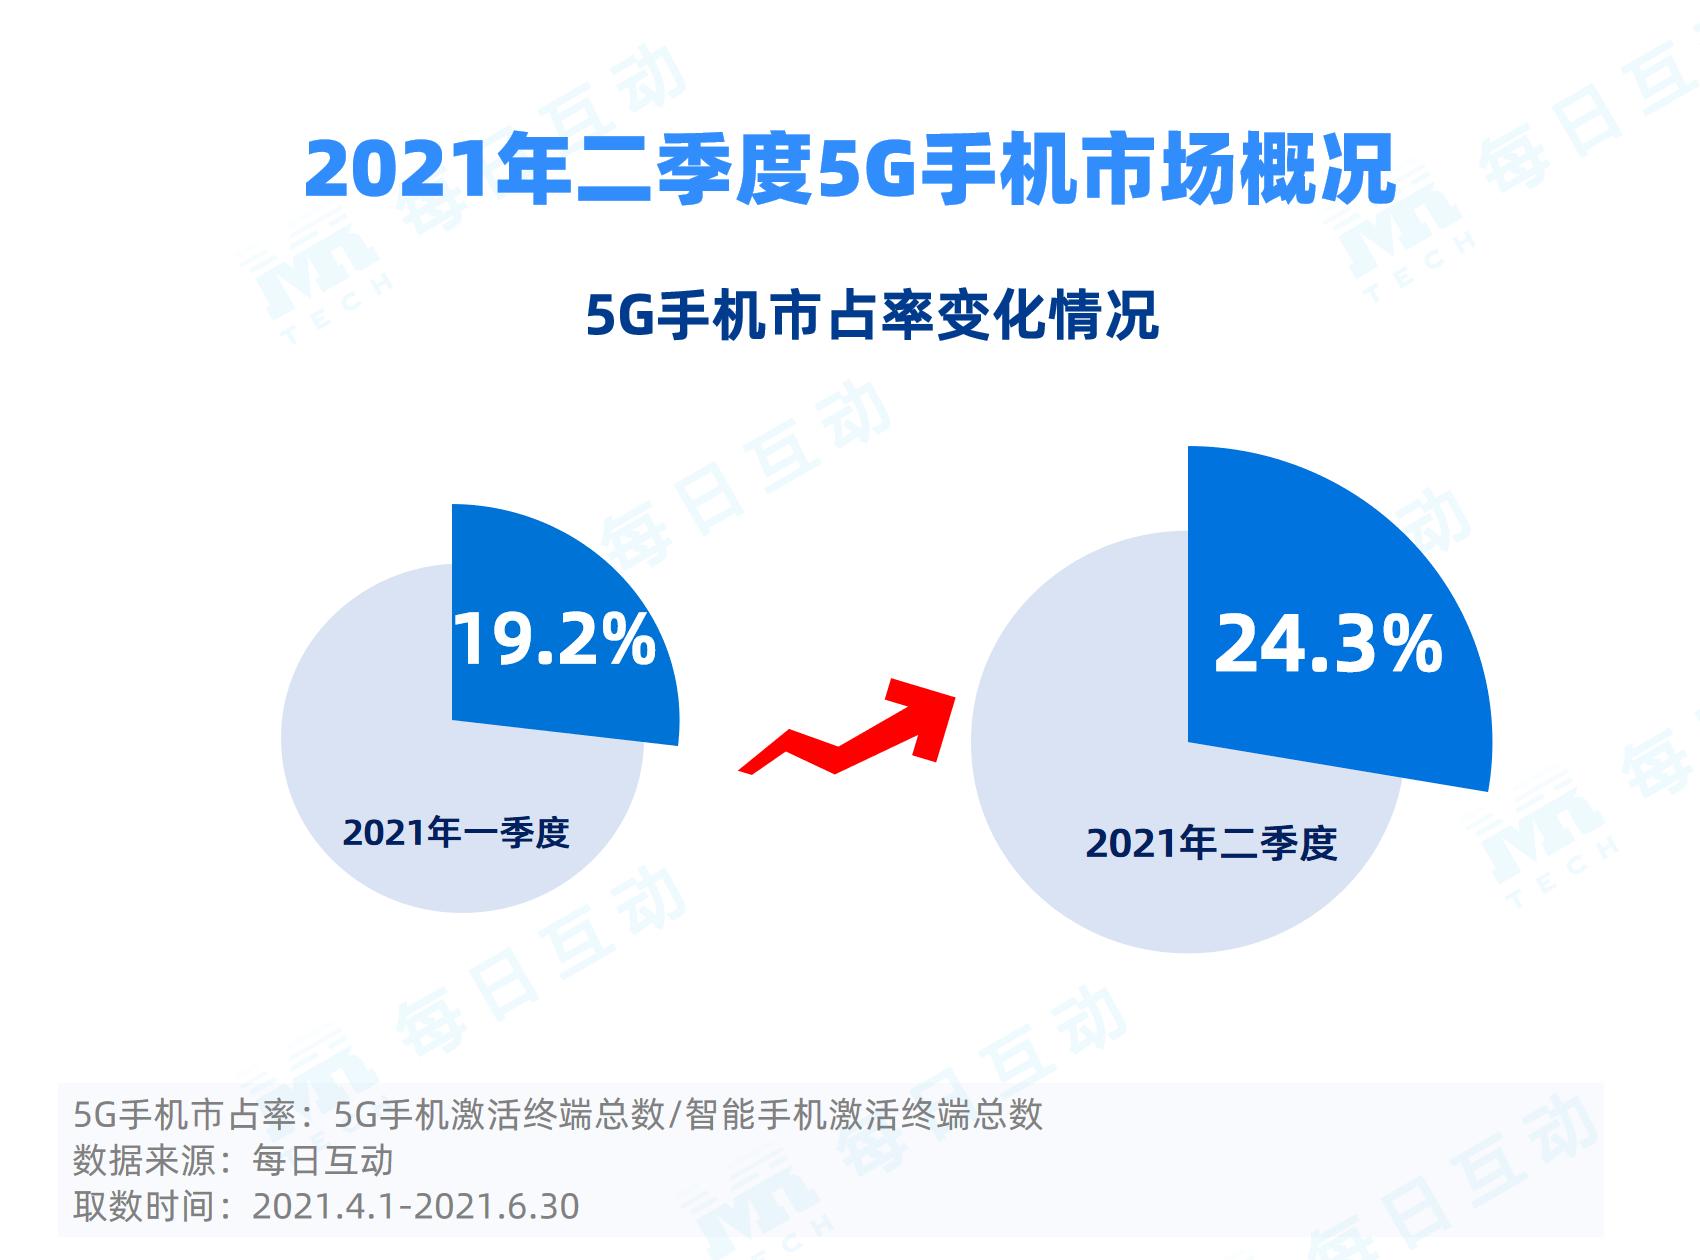 2021年二季度5G手机报告:5G手机出货量、市占率双增长 iPhone市占率排位上升